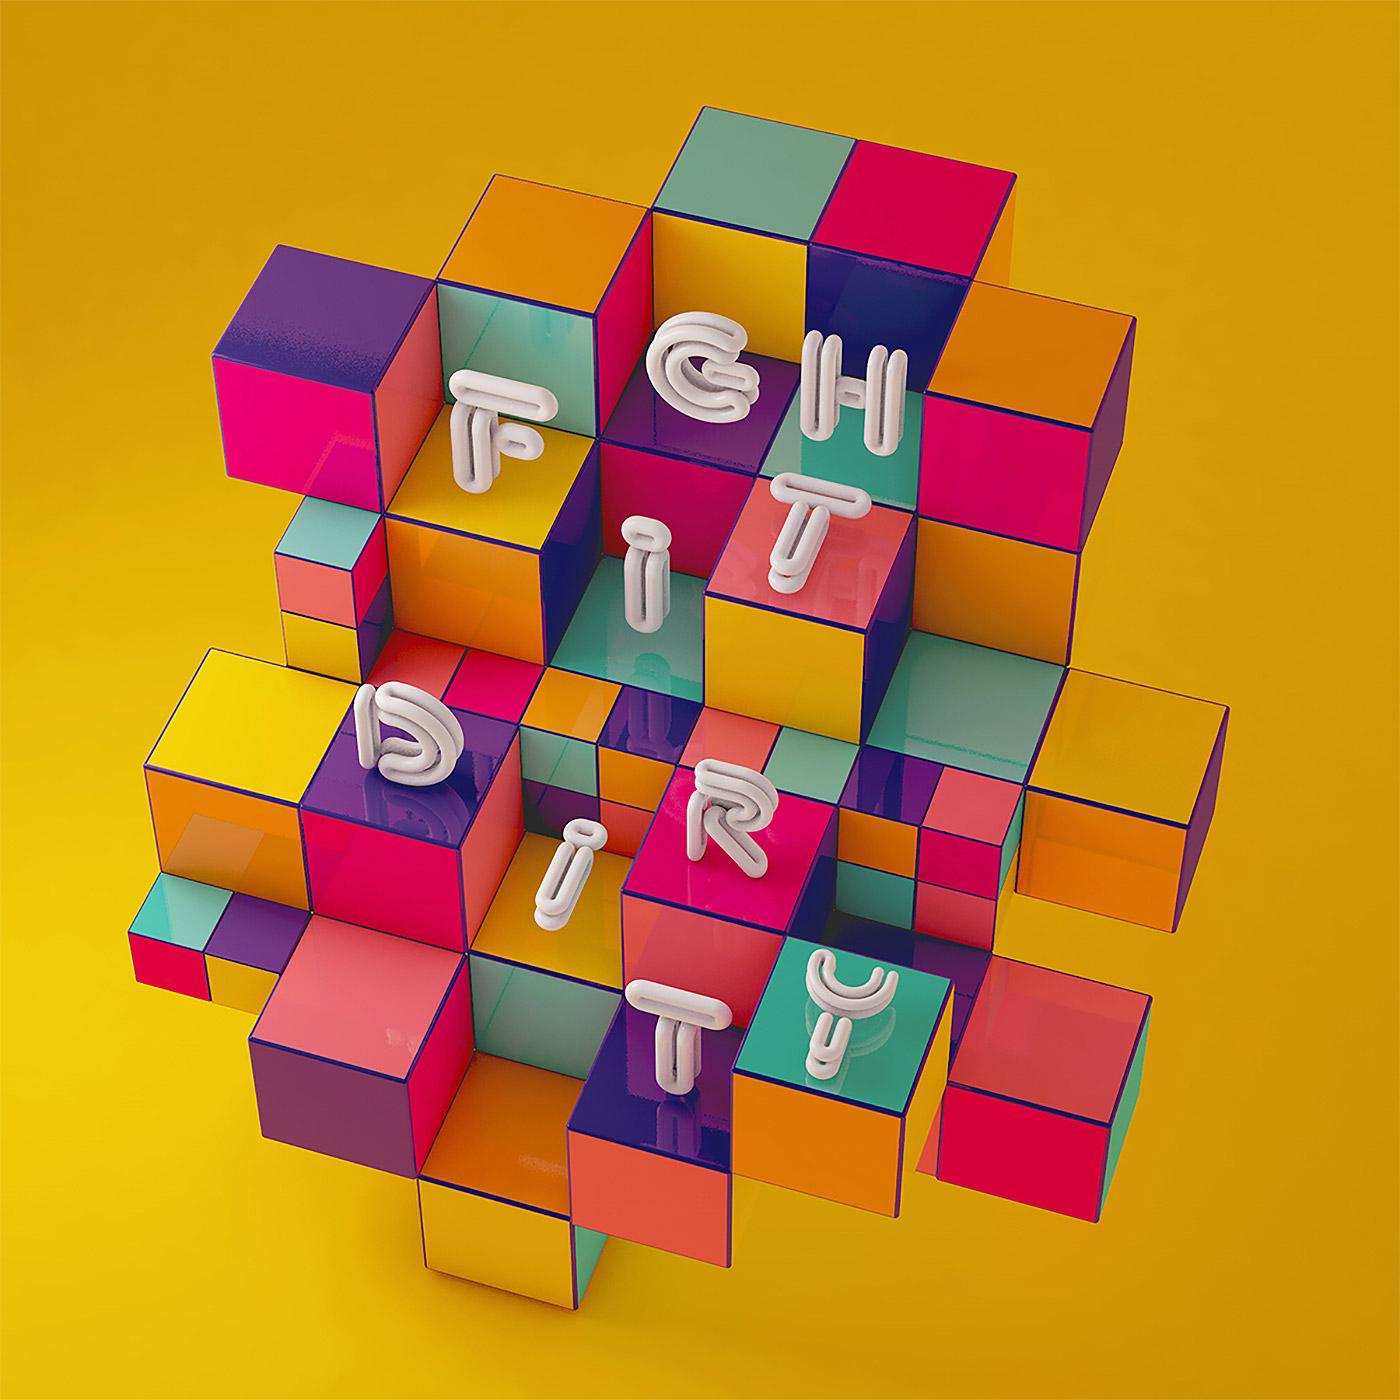 typography-carlo-cadenas-03.jpg